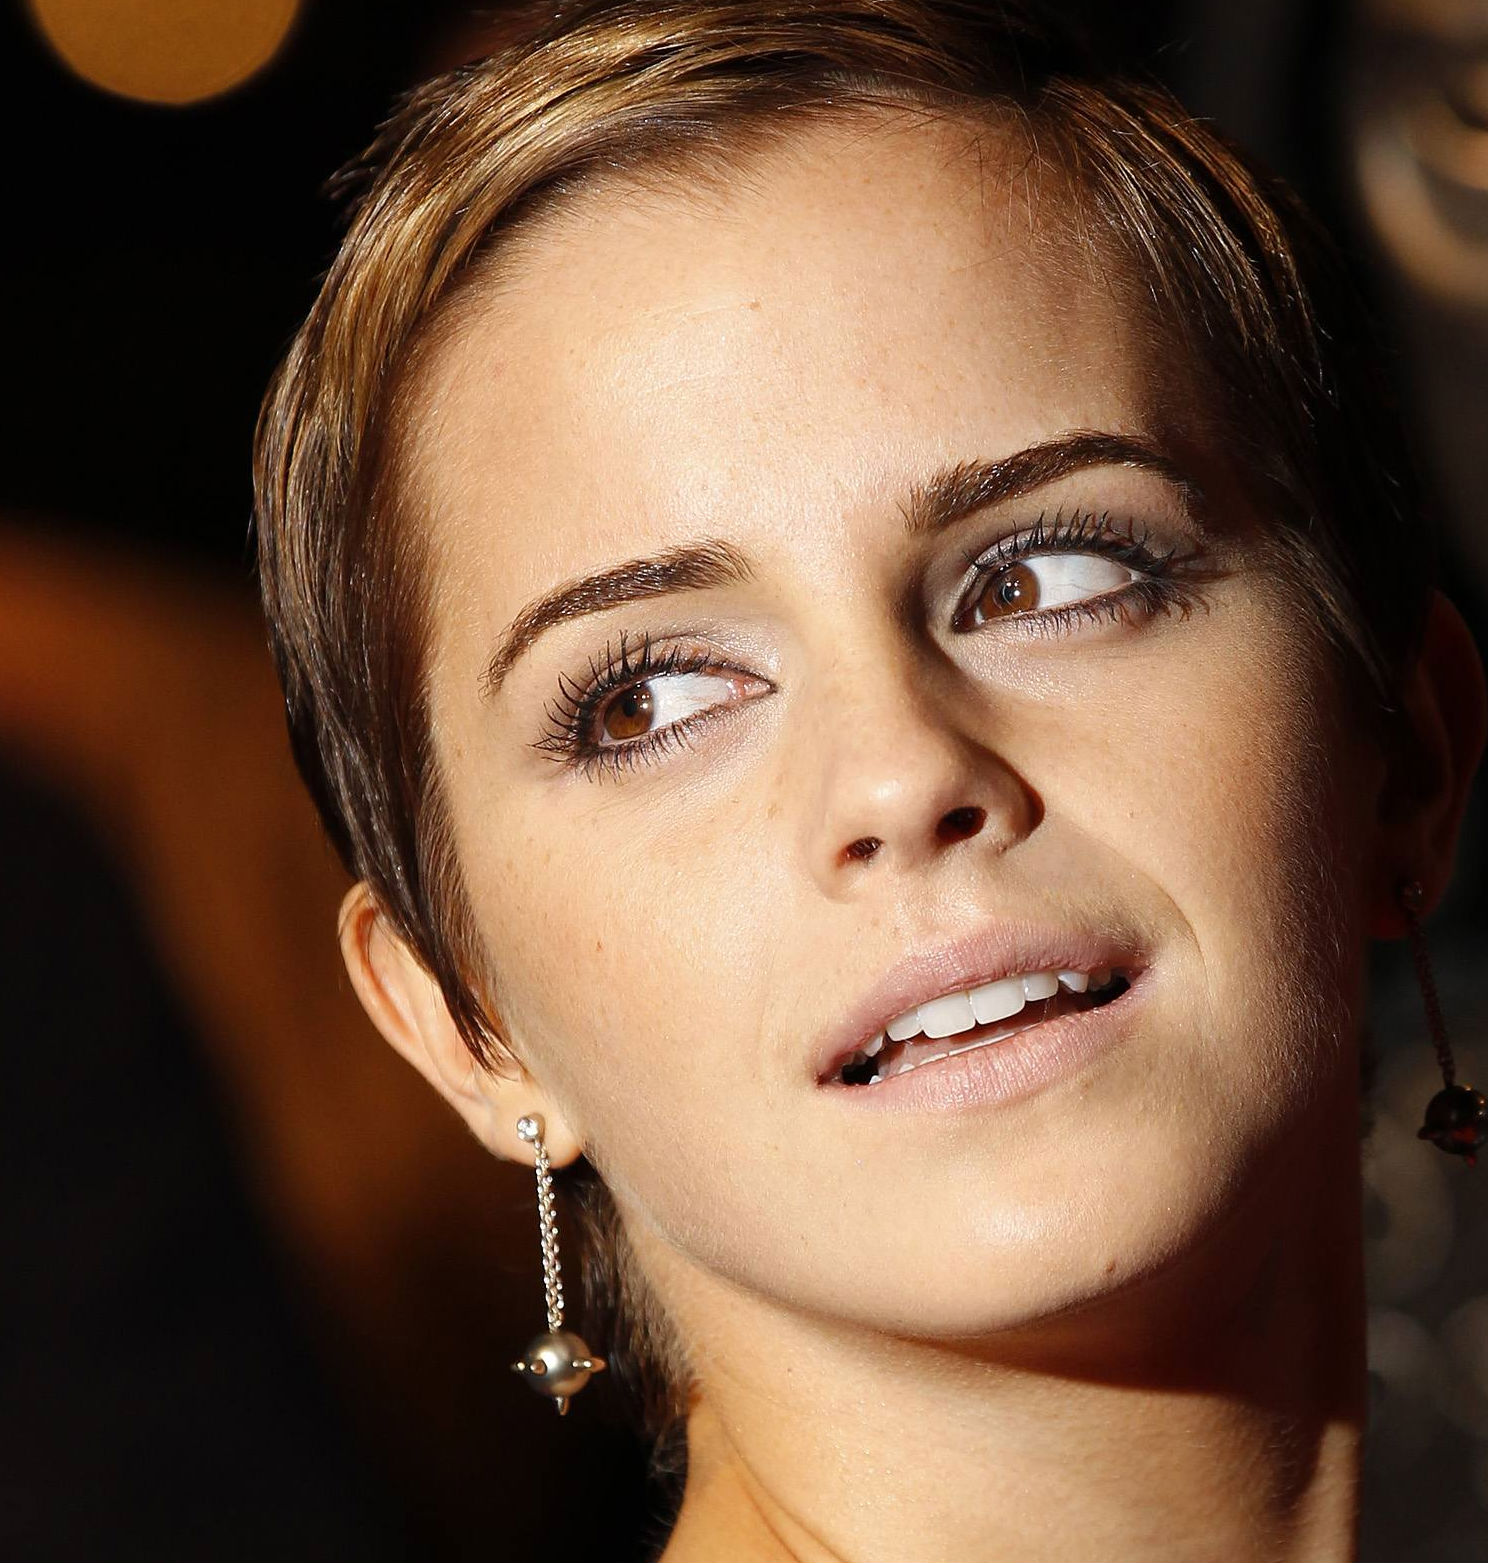 Emma Watson Short Hair 2011